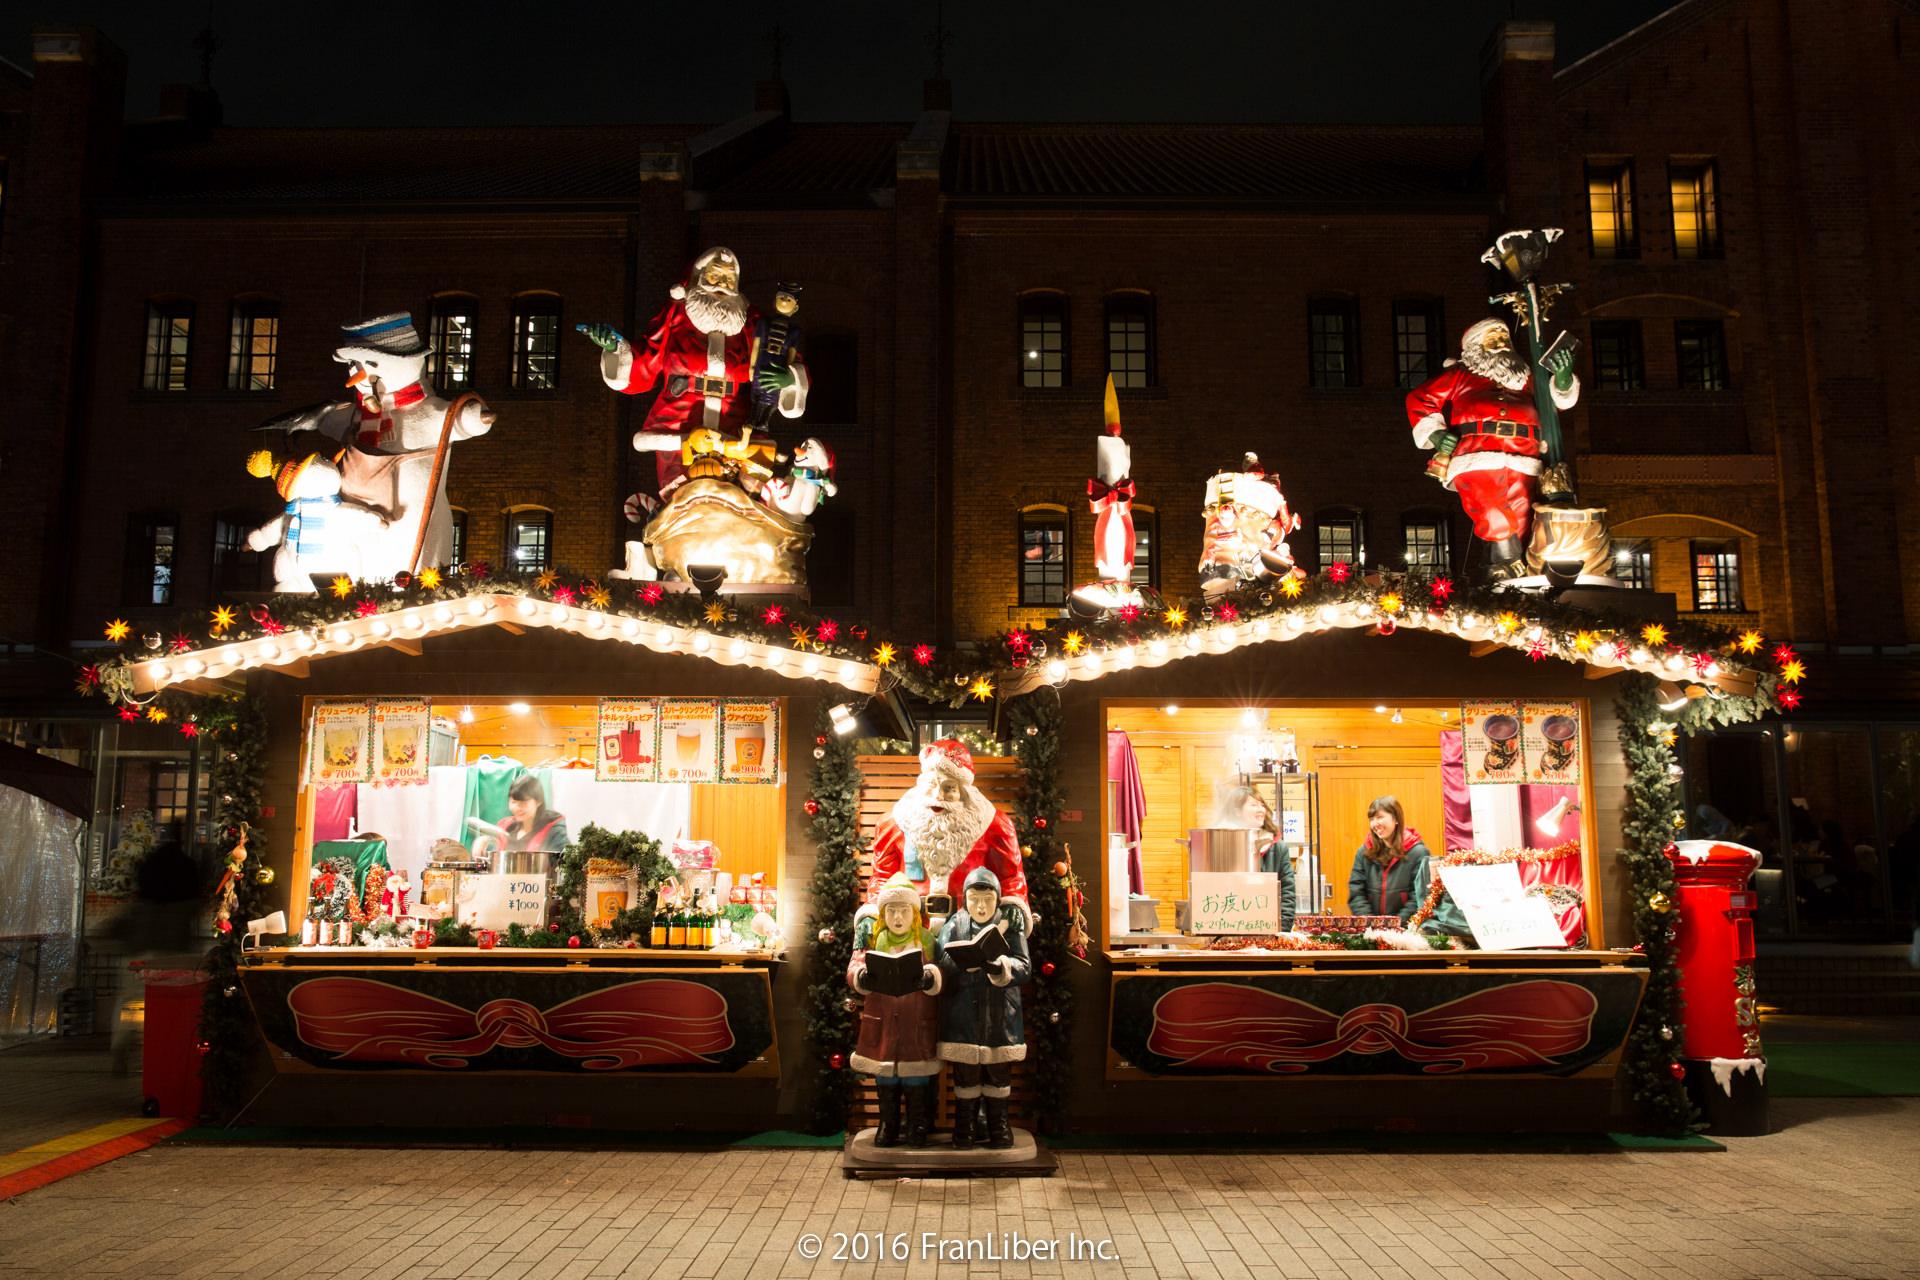 横浜赤レンガ倉庫で開催されるクリスマスマーケット